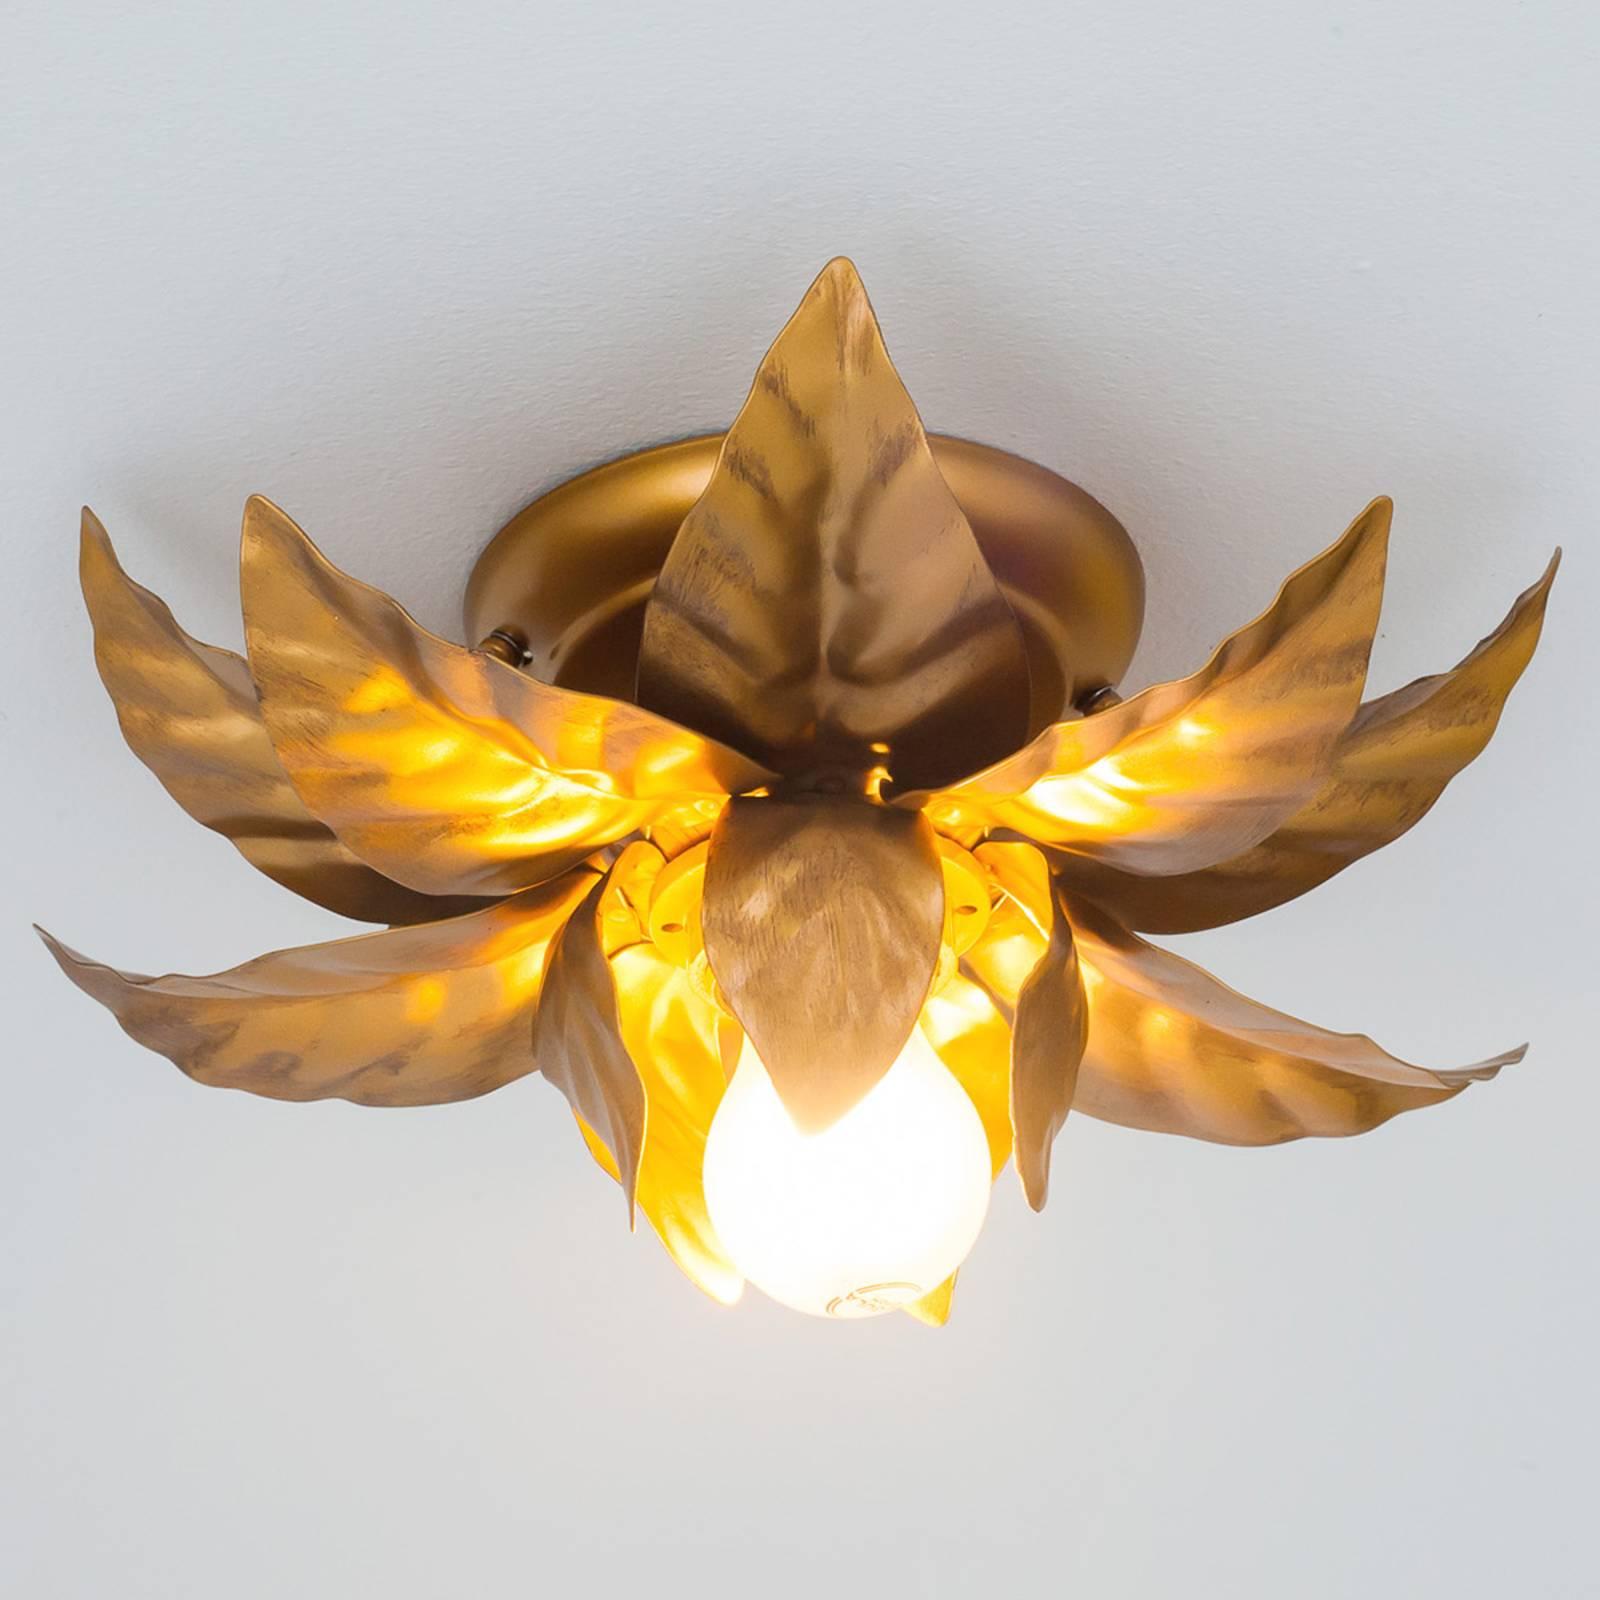 ANTIK-kattovalaisin kultaisilla lehdyköillä 26 cm